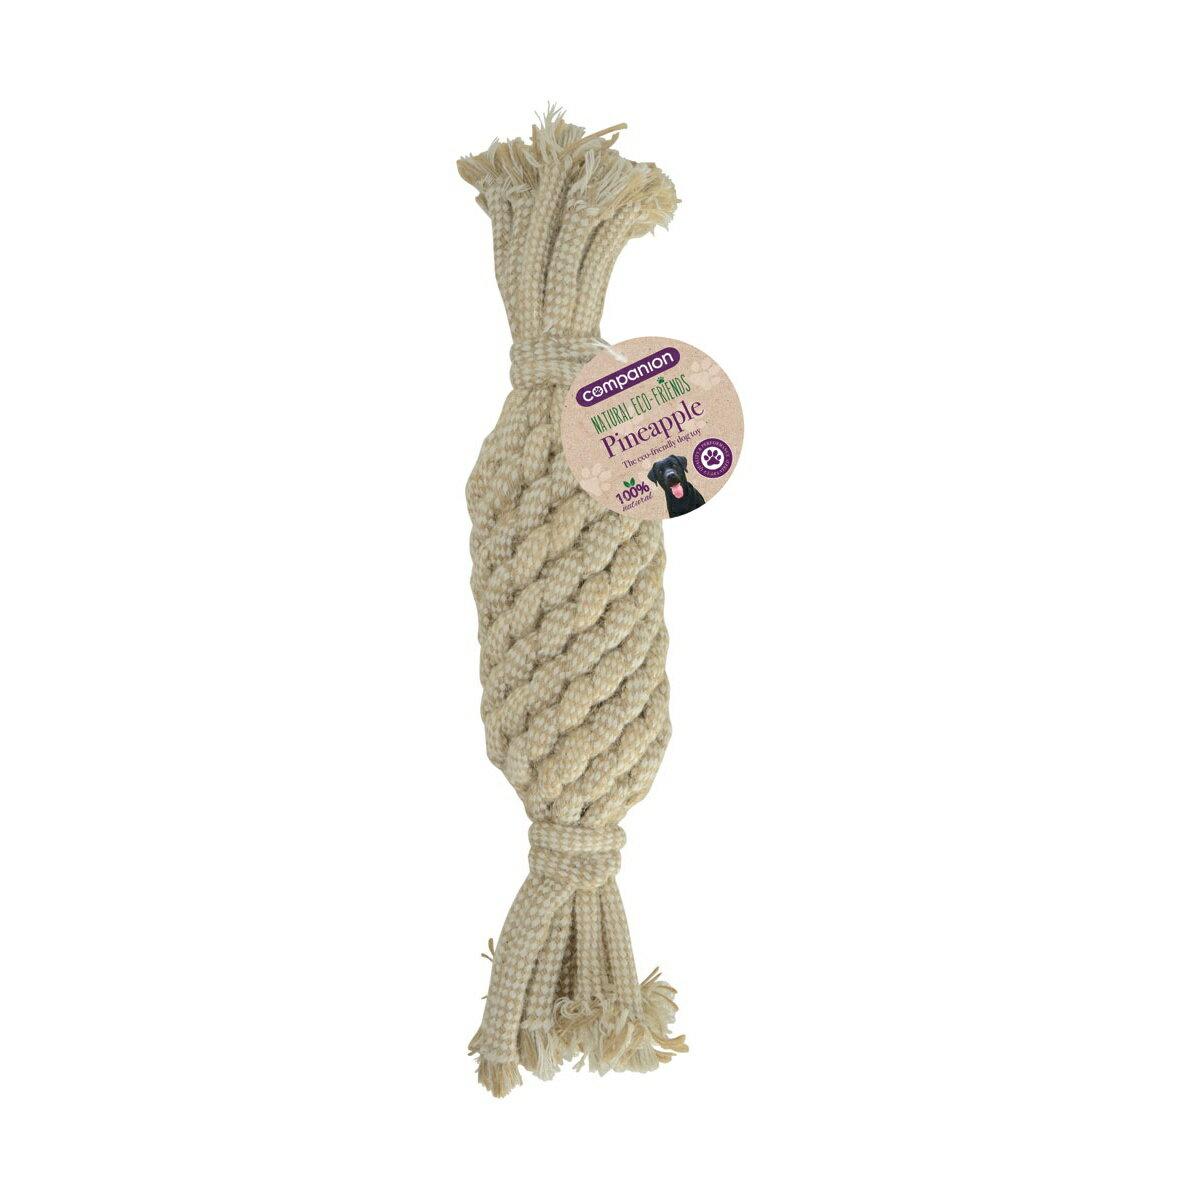 (コンパニオン) Companion ワンちゃん用 ナチュラル エコフレンズ ロープのおもちゃ 犬用 ドッグトイ ペット用品 【楽天海外直送】